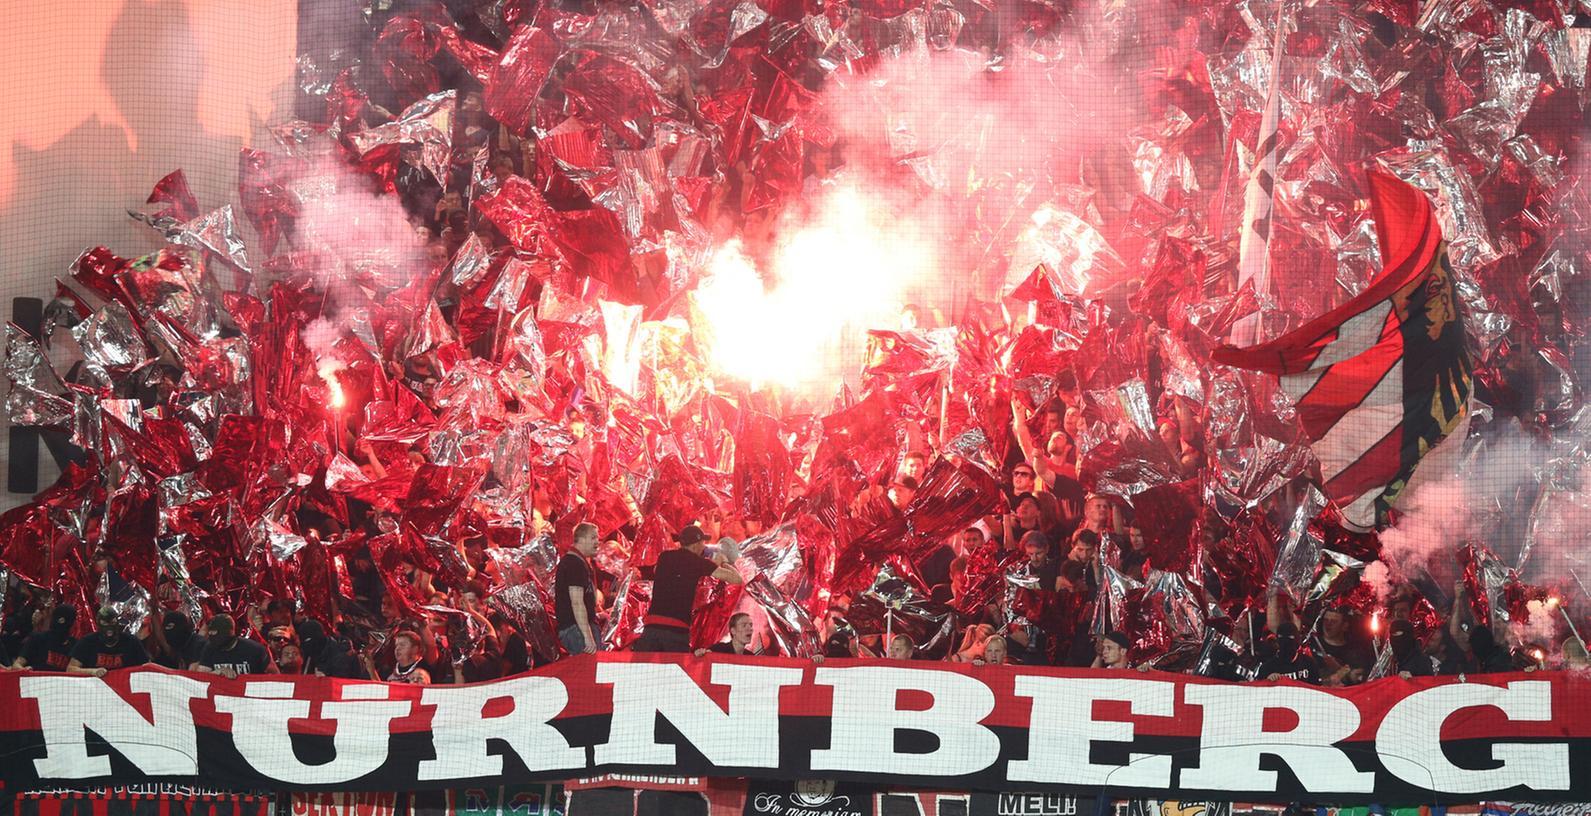 Die Nürnberger Anhänger fackelten am Montagabend eine beträchtliche Menge an Pyrotechnik im Fürther Stadion ab.